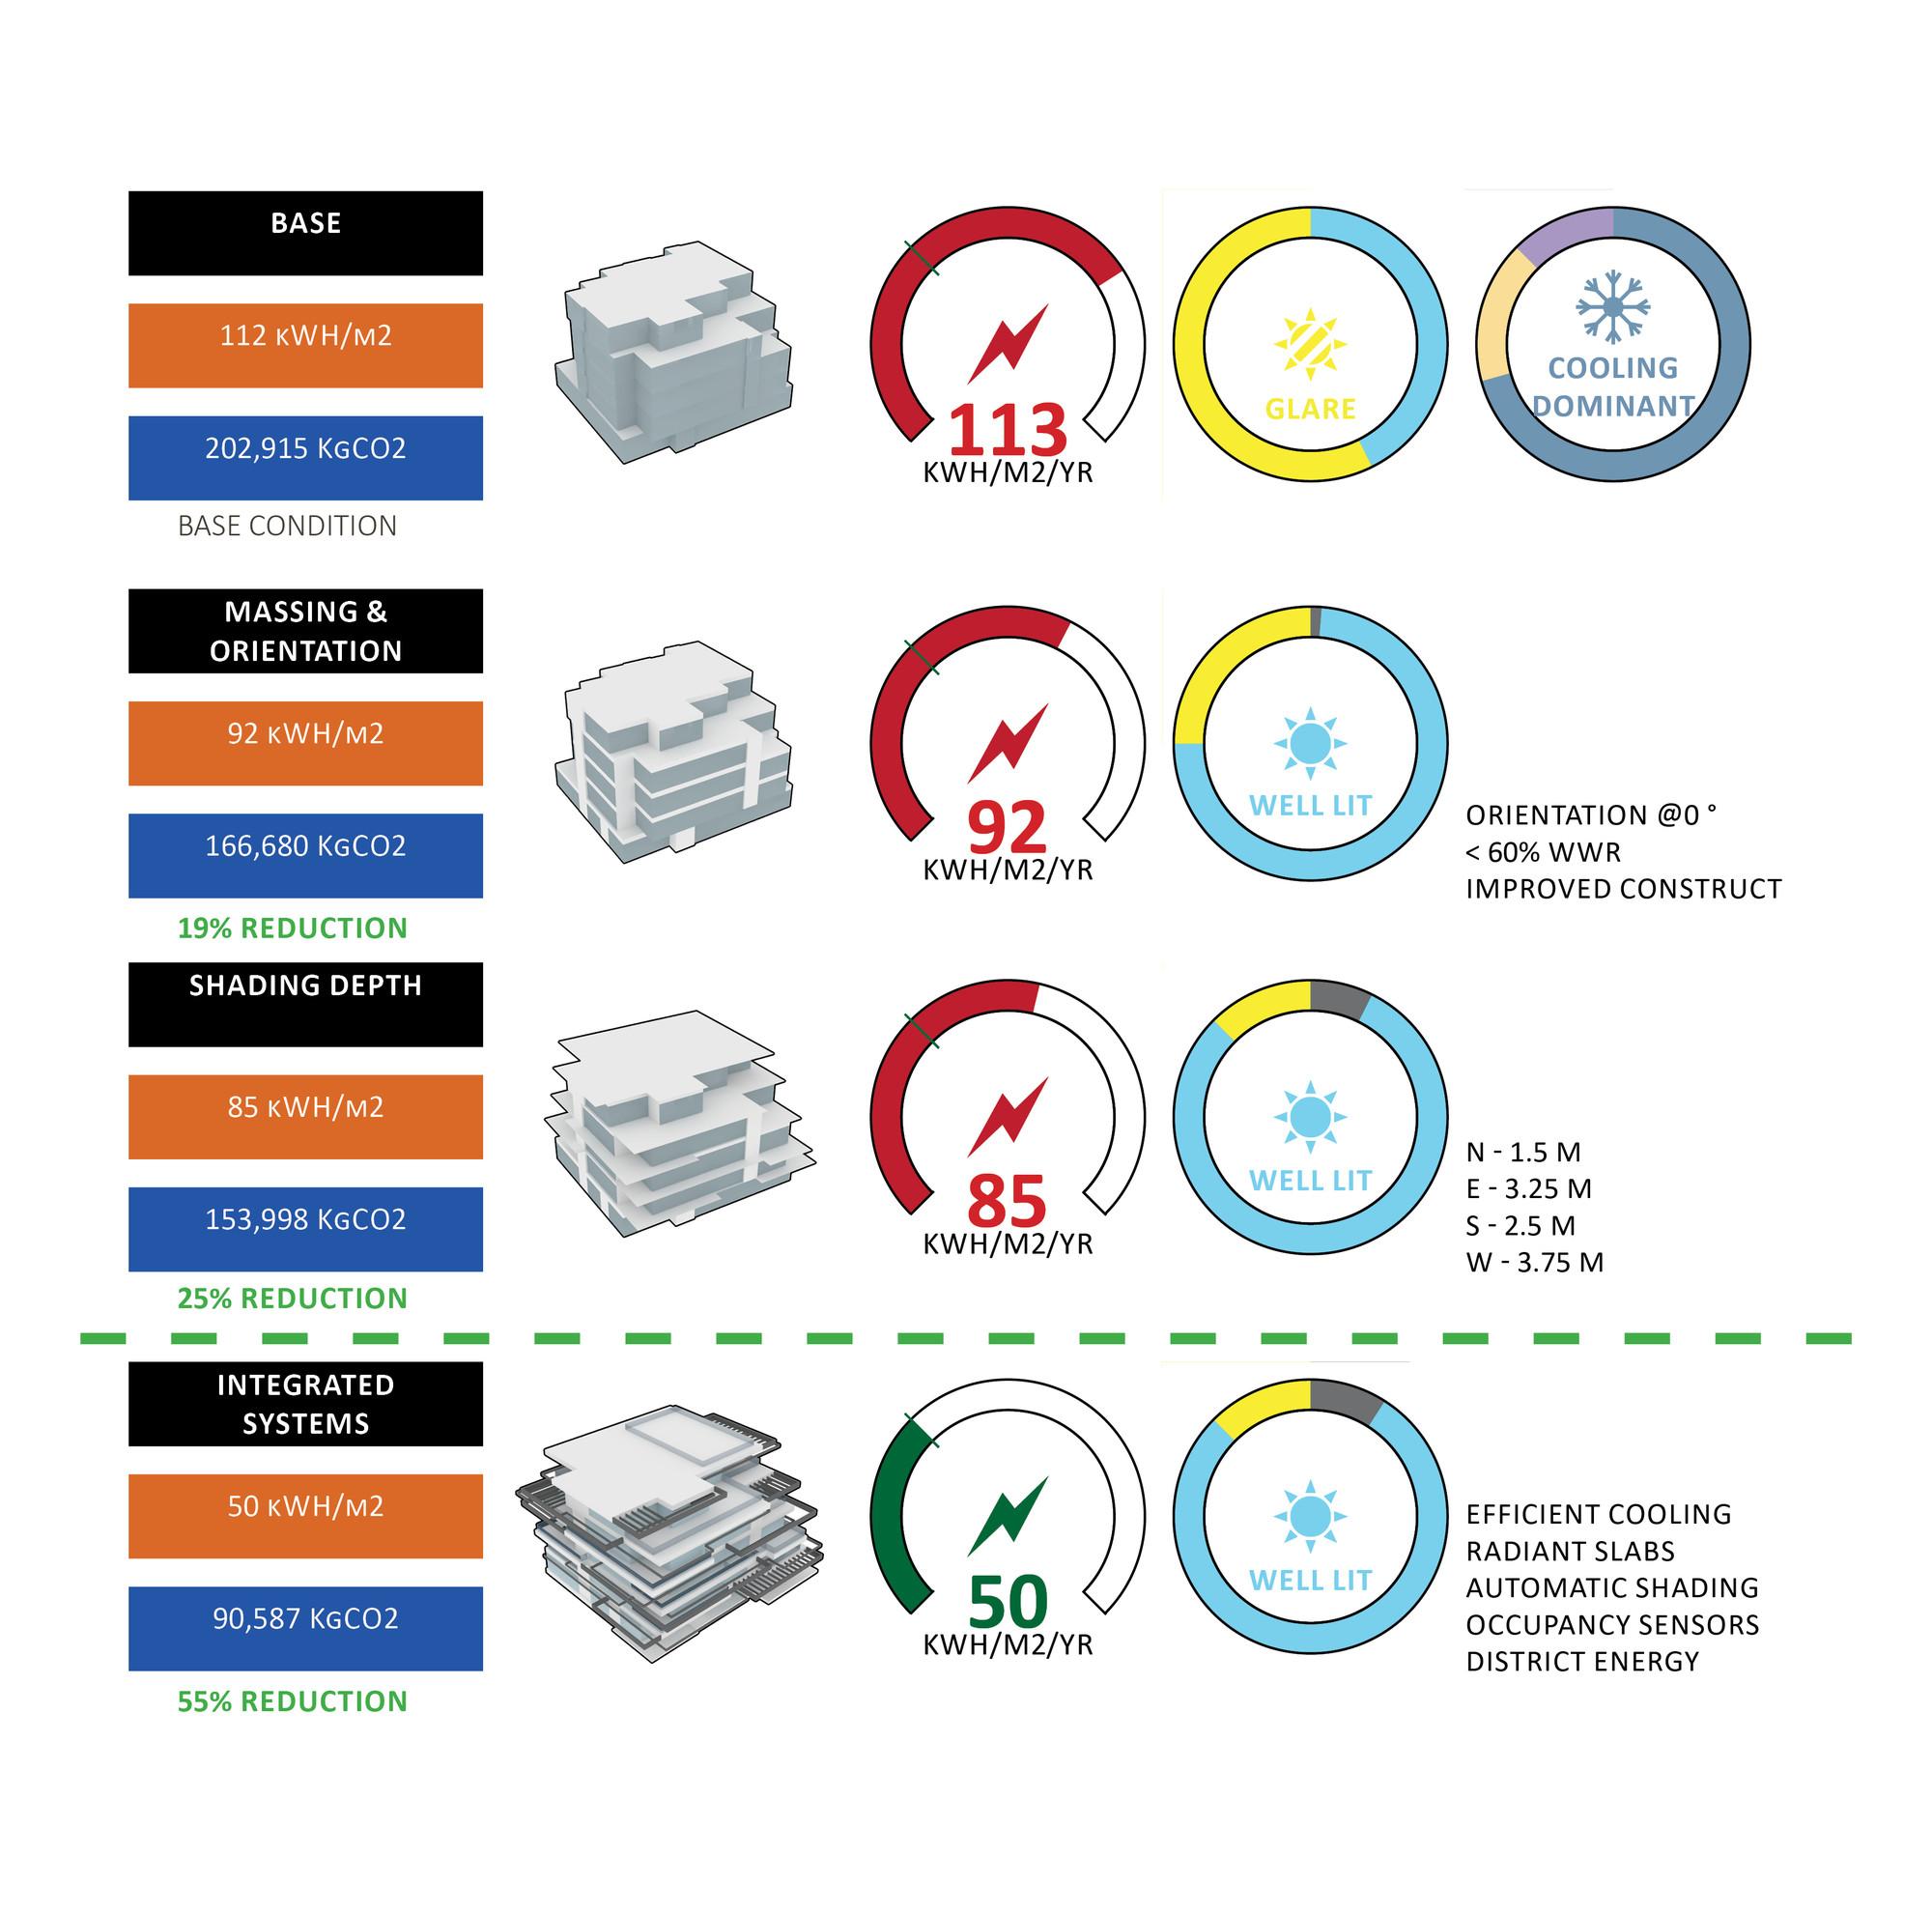 Energia conceitual e análise da luz solar. Imagem Cortesia de 10 DESIGN